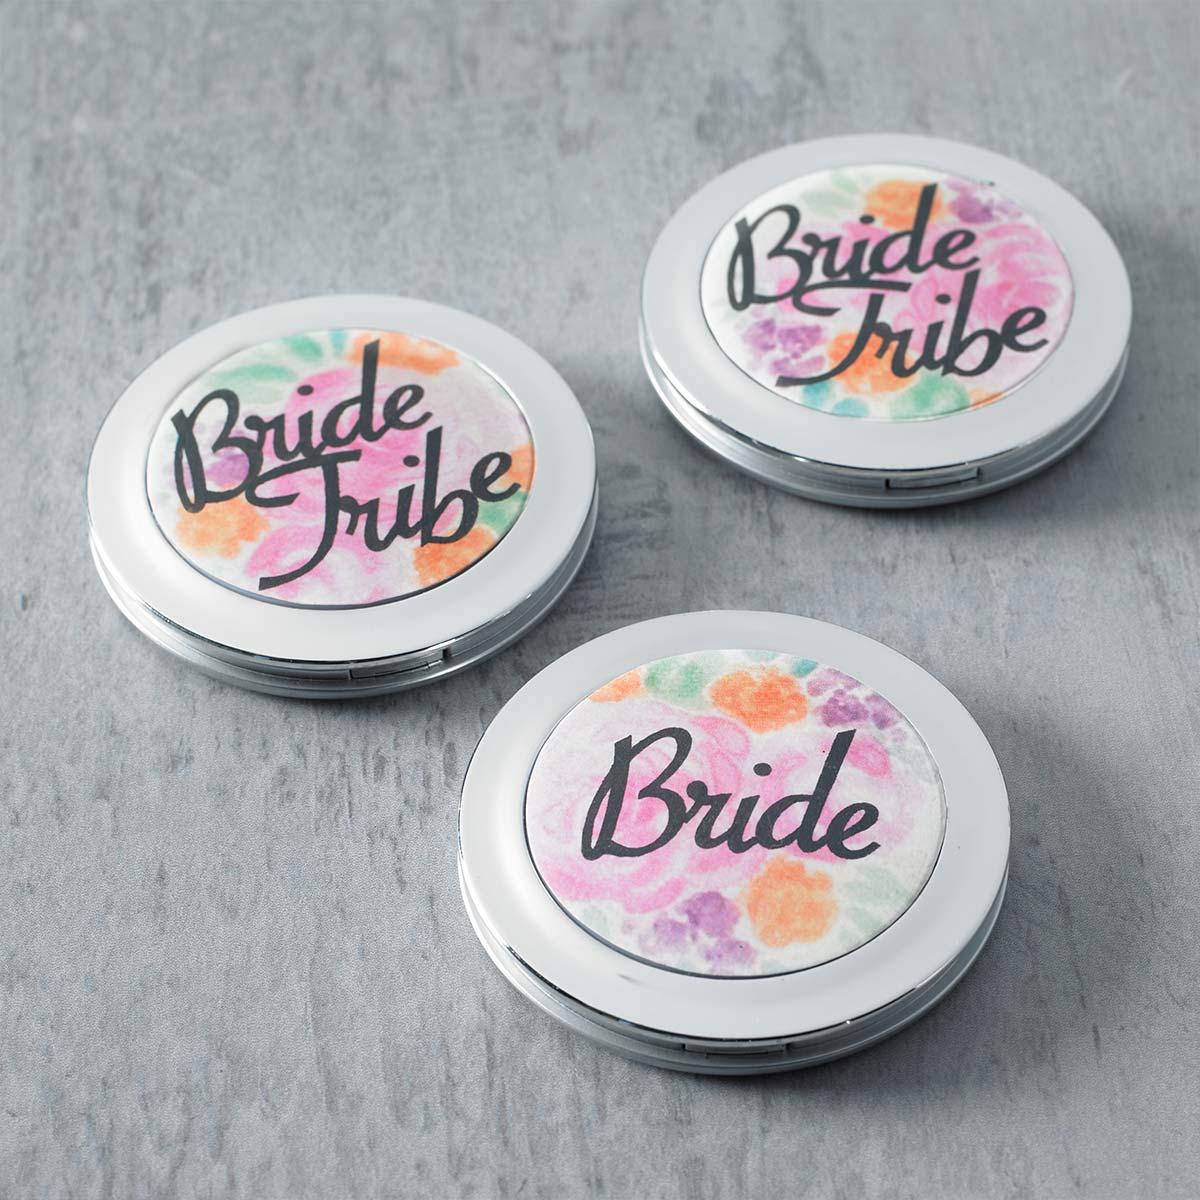 DIY Bridesmaid Gift Idea - Bride Tribe Compact